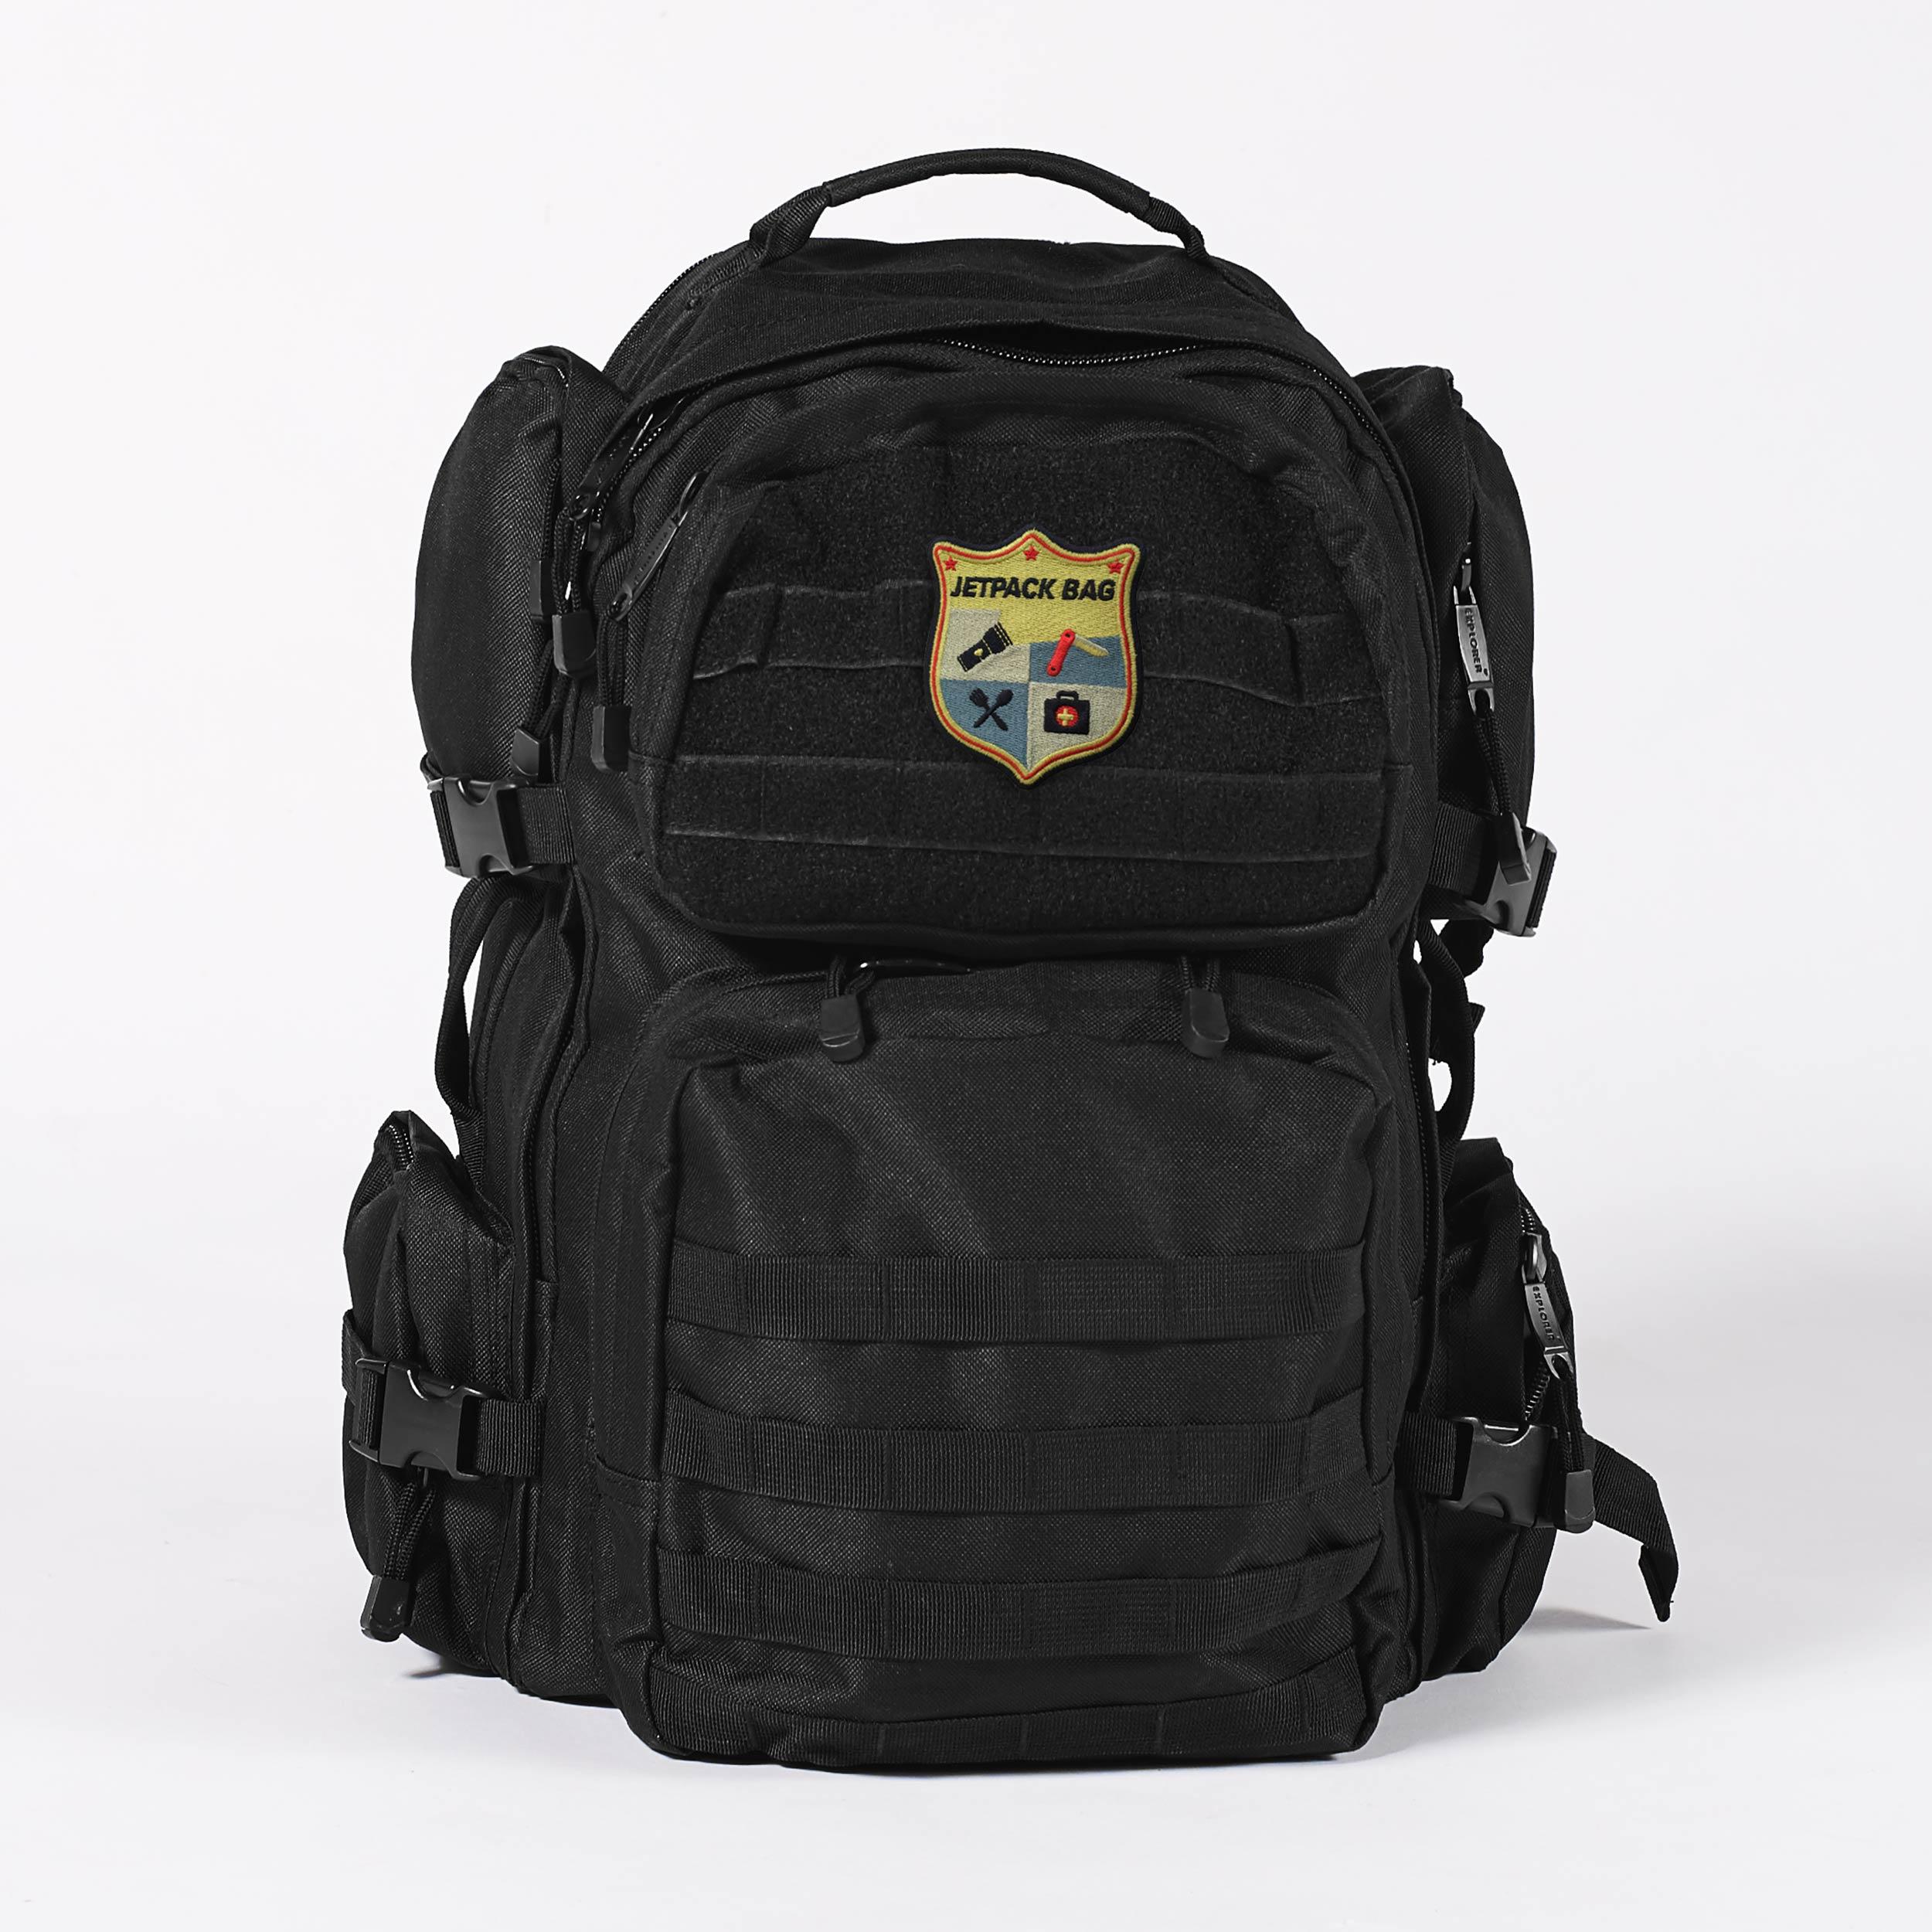 The Dual Pack Jetpack Bag